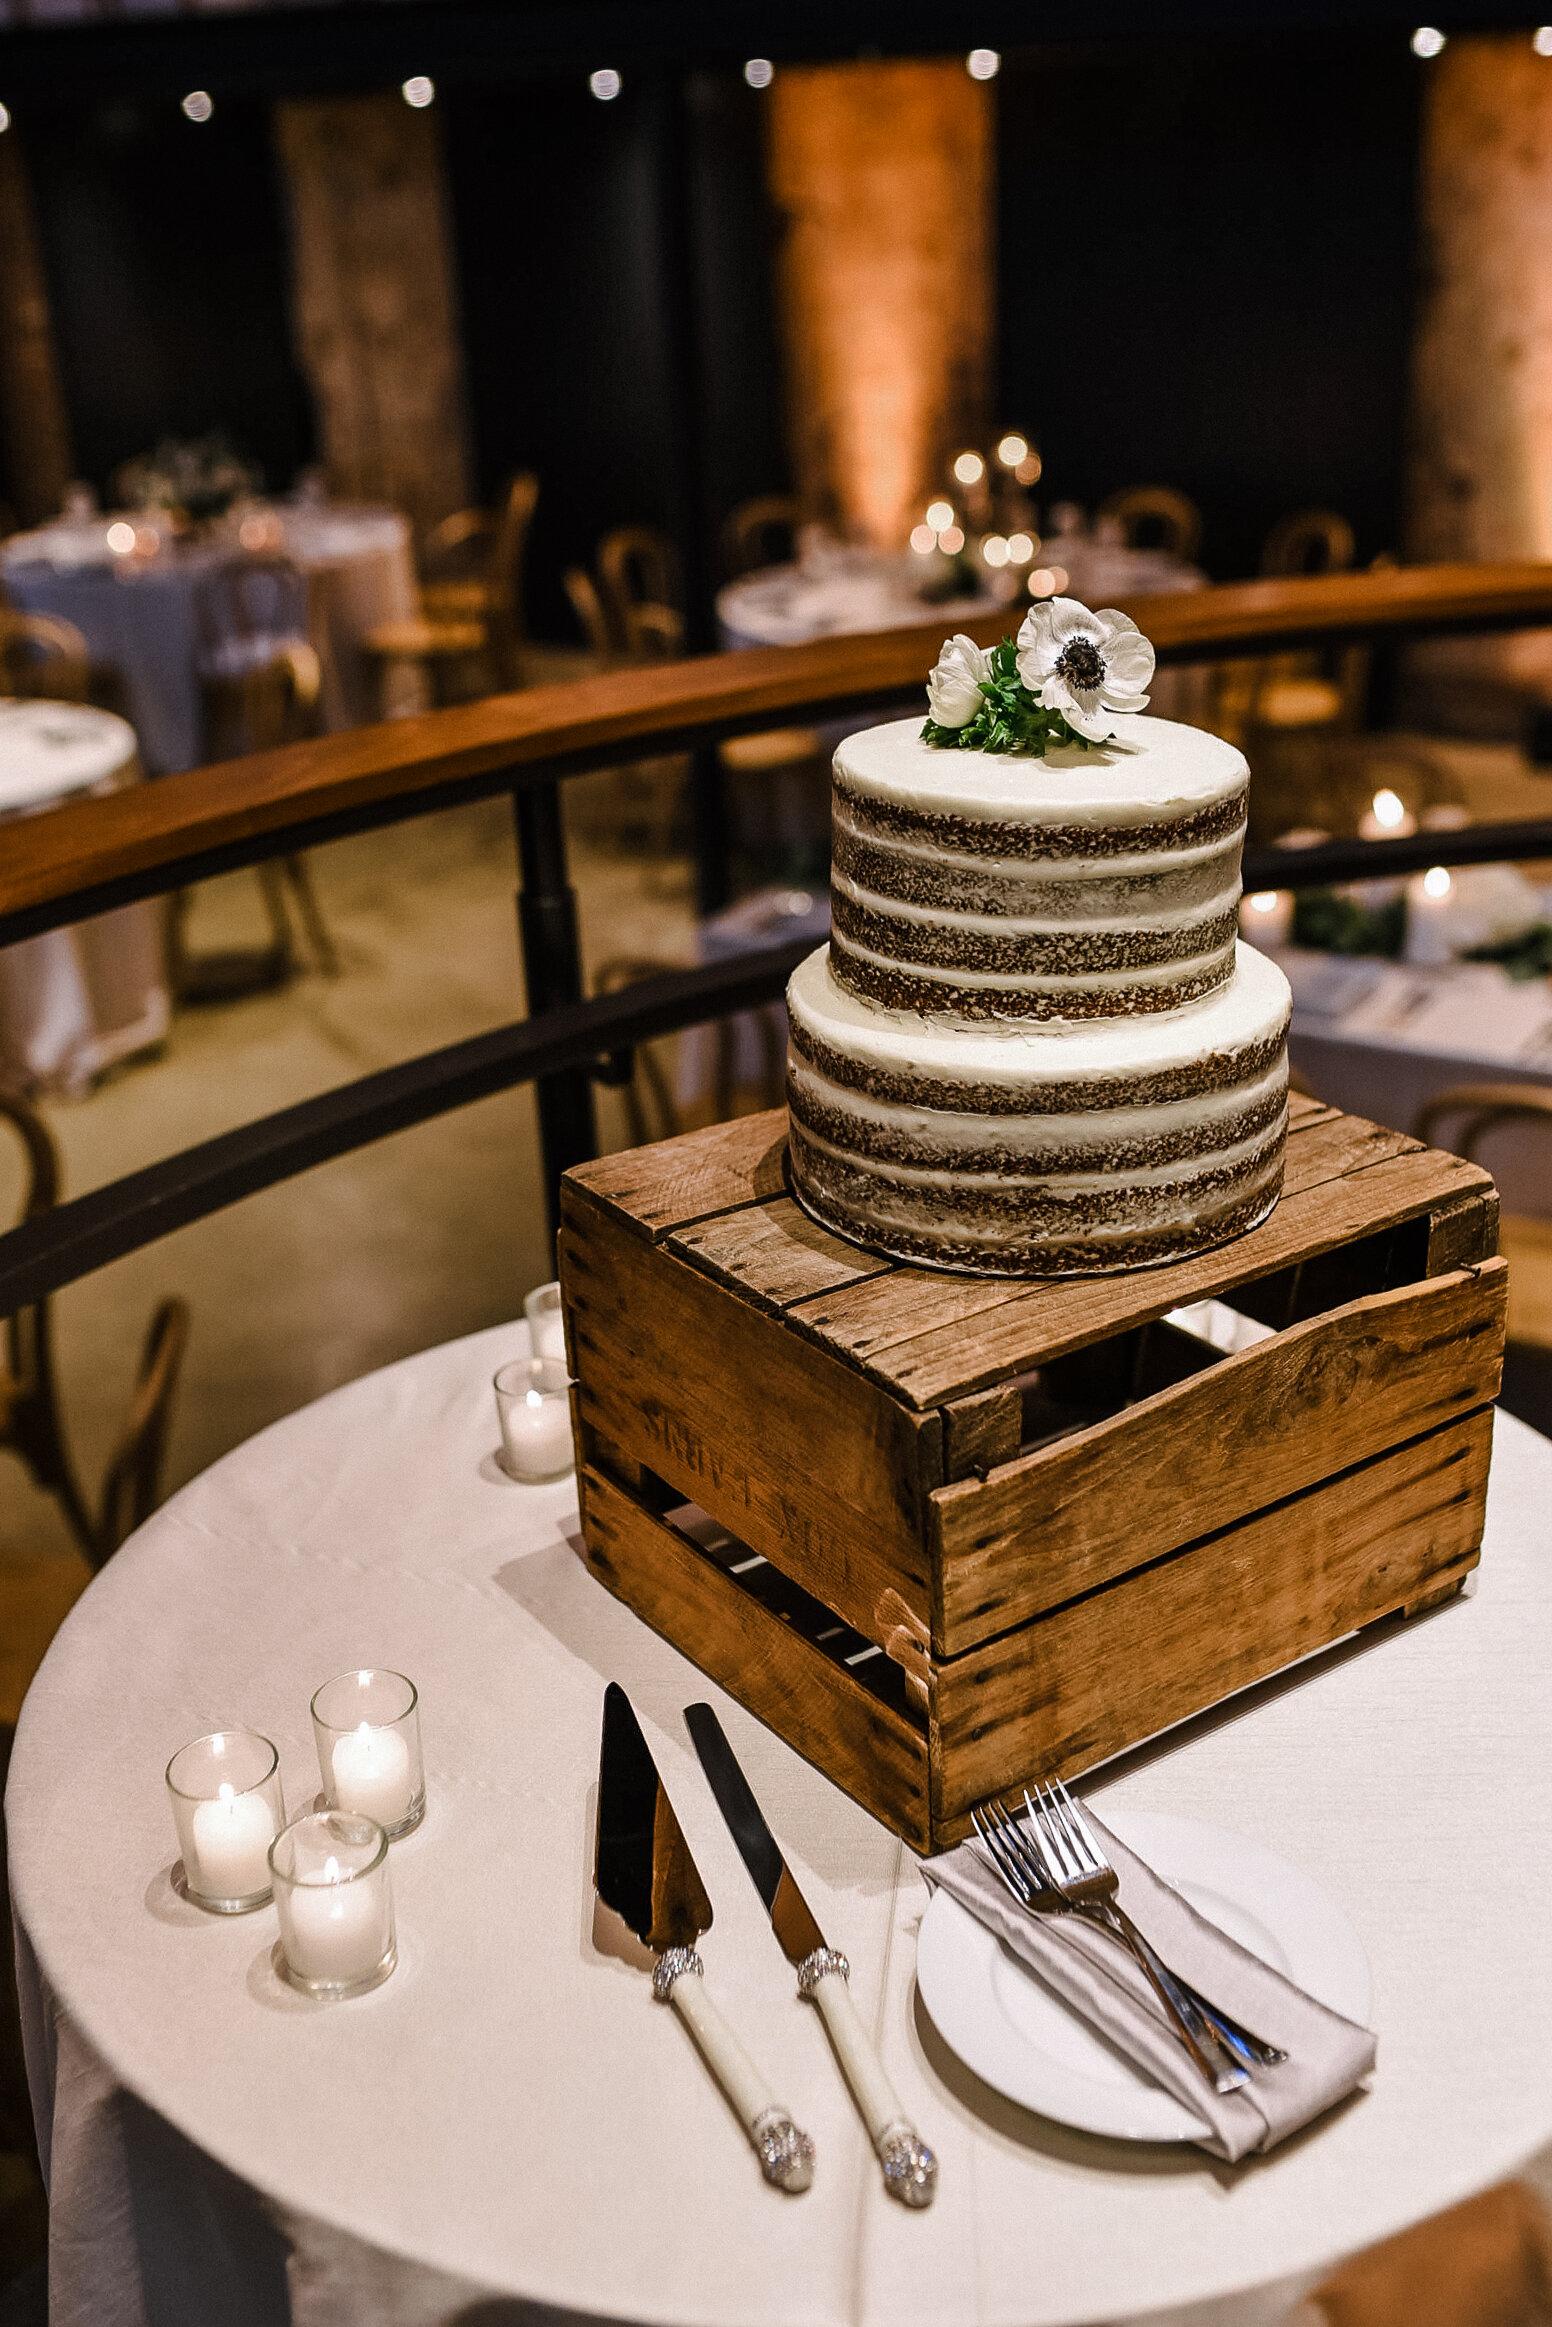 wedding cake detail shot at The Winslow